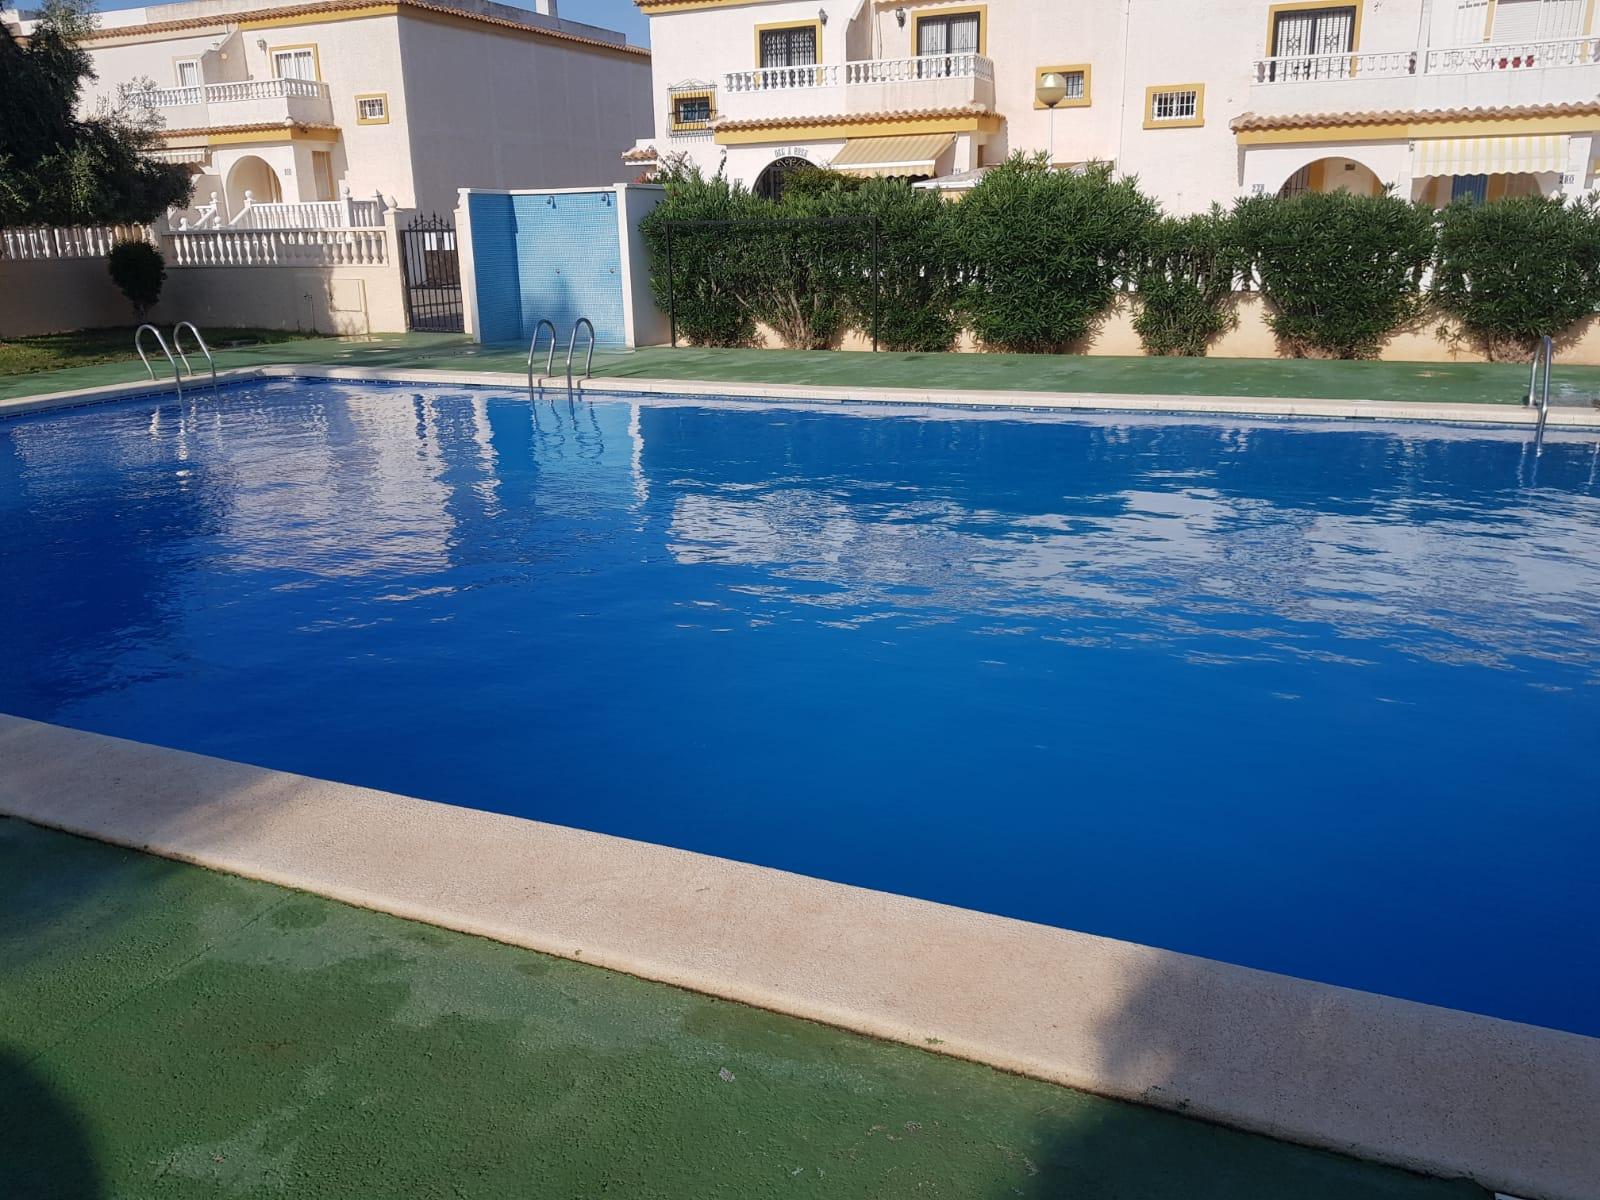 mantenimiento-de-piscinas